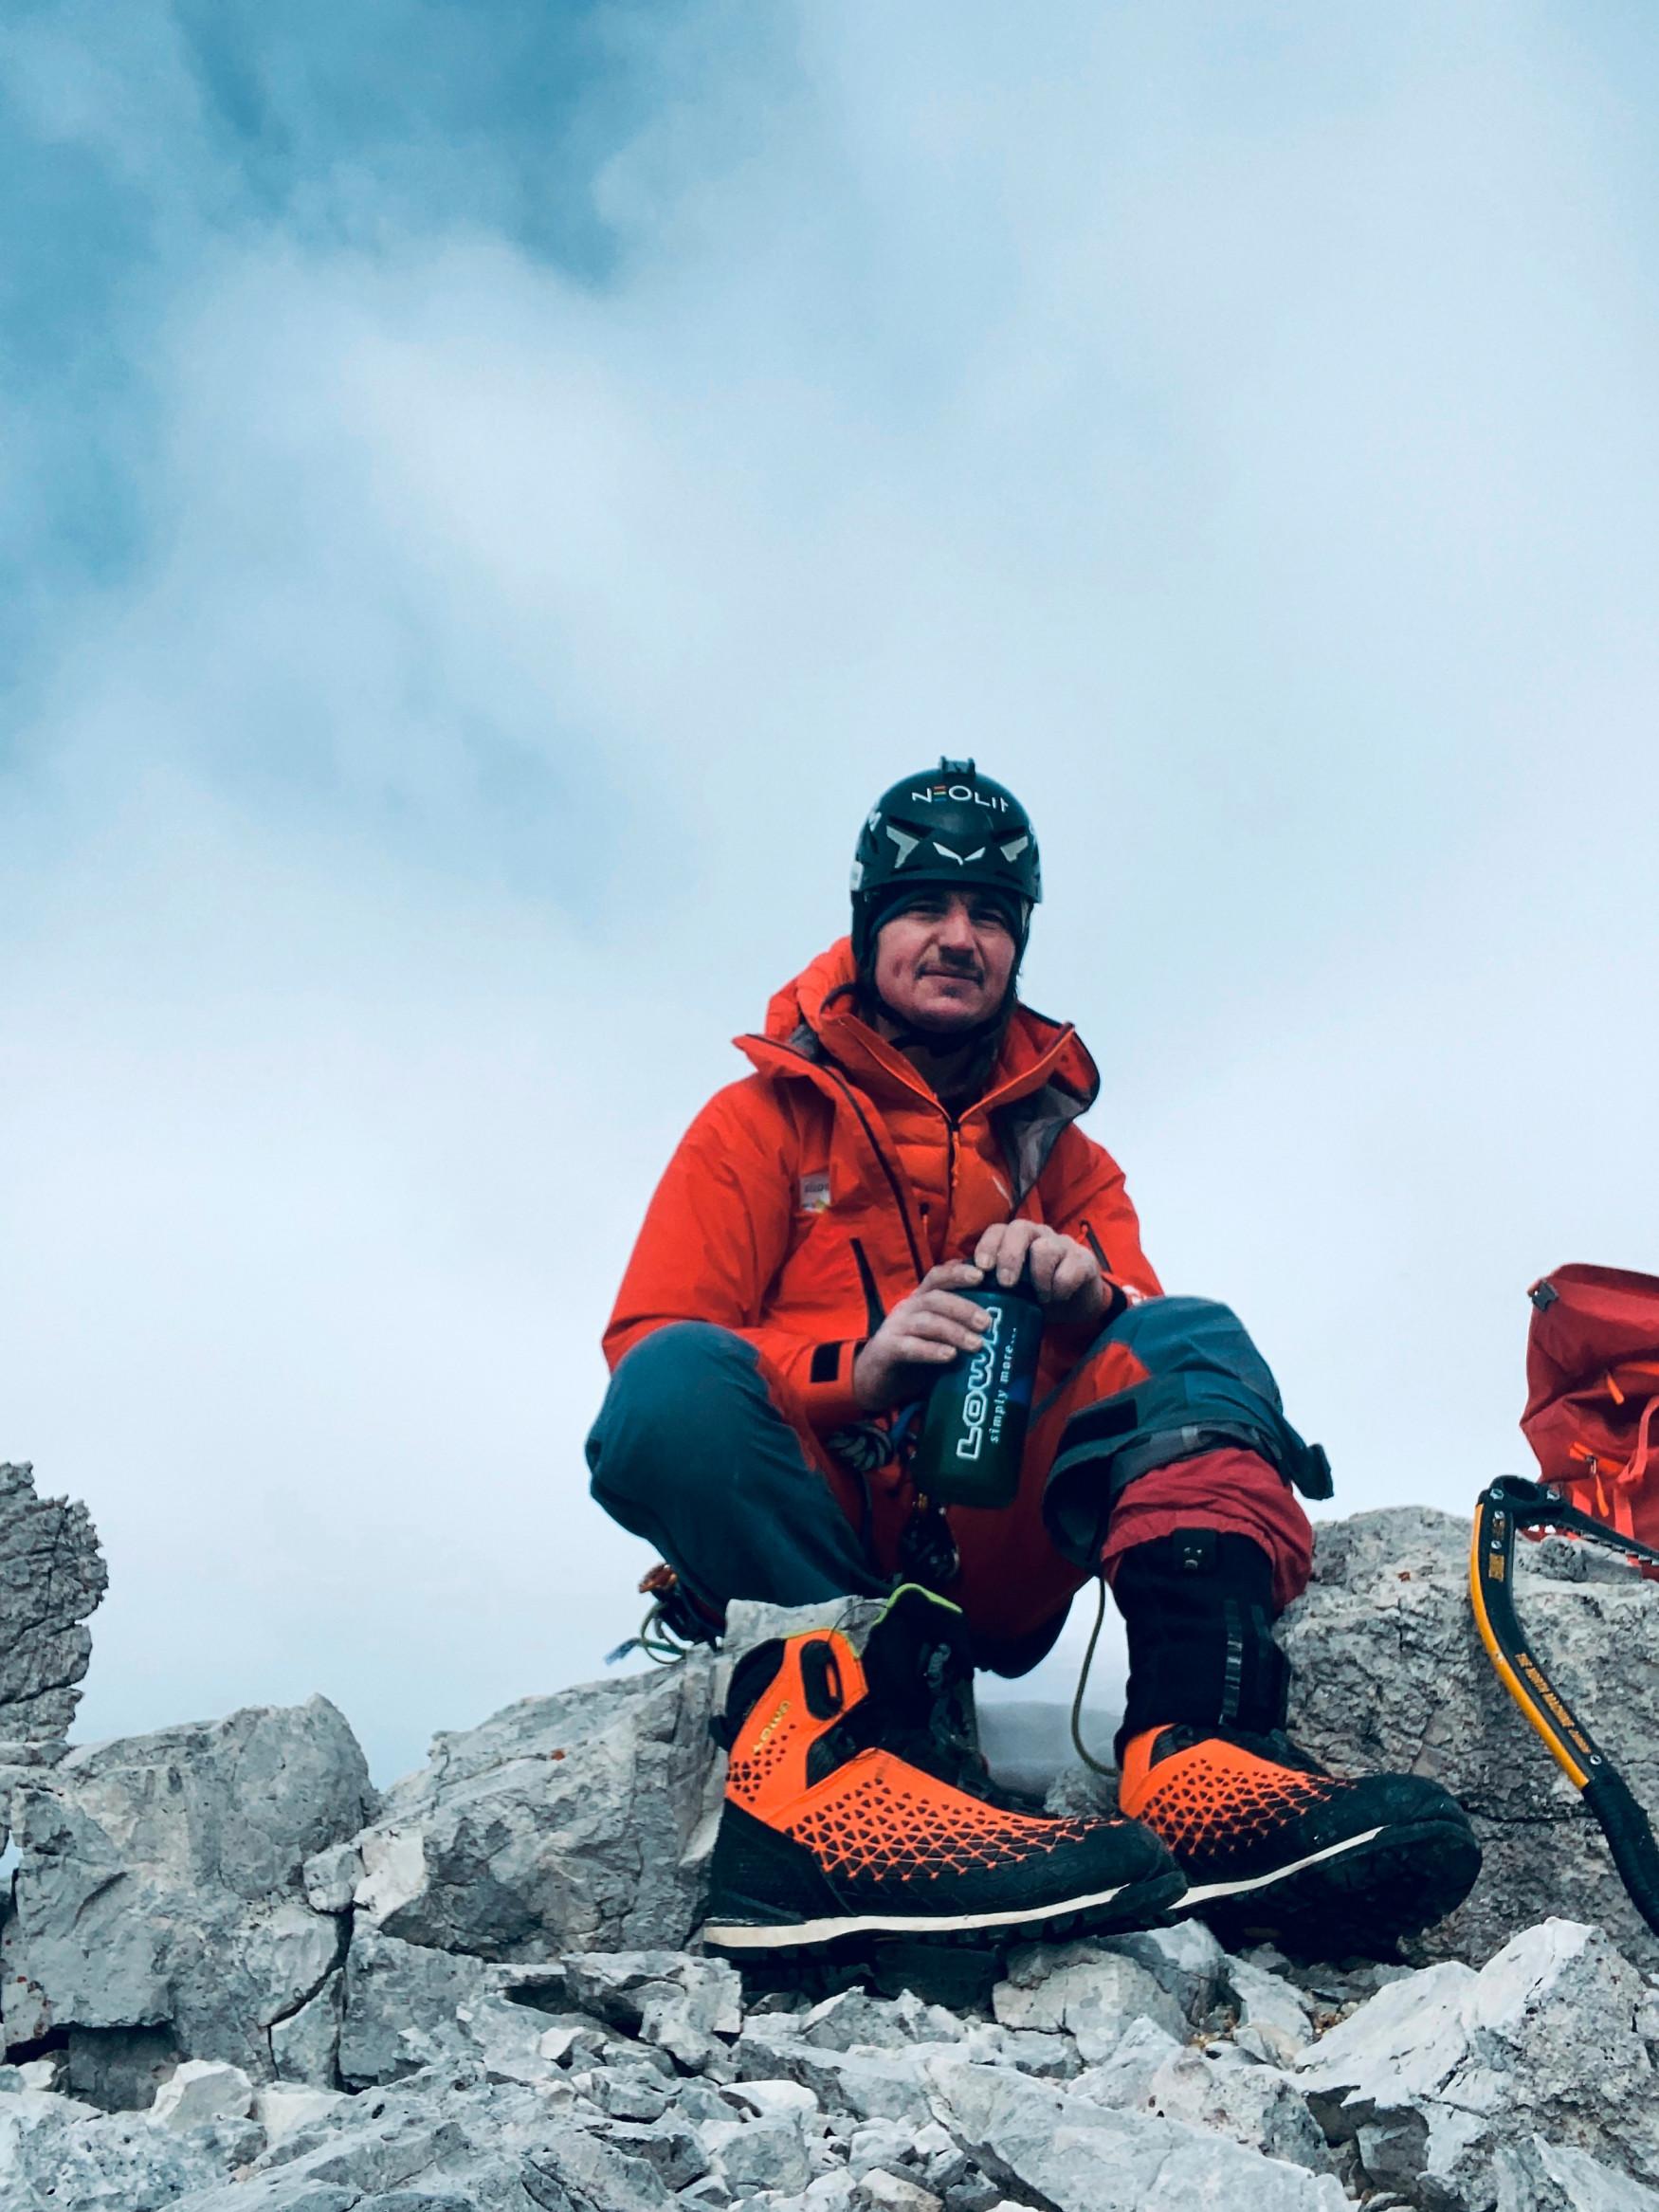 Le scarpe di chi pratica gli sport di montagna sono come gli attrezzi di un artigiano: meglio sono e più ci si può godere qualsiasi tipo di terreno. Con ALPINE PRO GTX LOWA ha sviluppato uno scarpone da montagna tecnicamente avanzato che è all'altezza delle esigenze di chi affronta il terreno alpino. In questo senso è fondamentale la trazione, resa possibile da una intersuola particolarmente piatta, una suola esterna in VIBRAM® Alp Trac dal profilo riprogettato e una punta accorciata. In questo modo l'alpinista mantiene sempre il controllo durante i suoi tour.